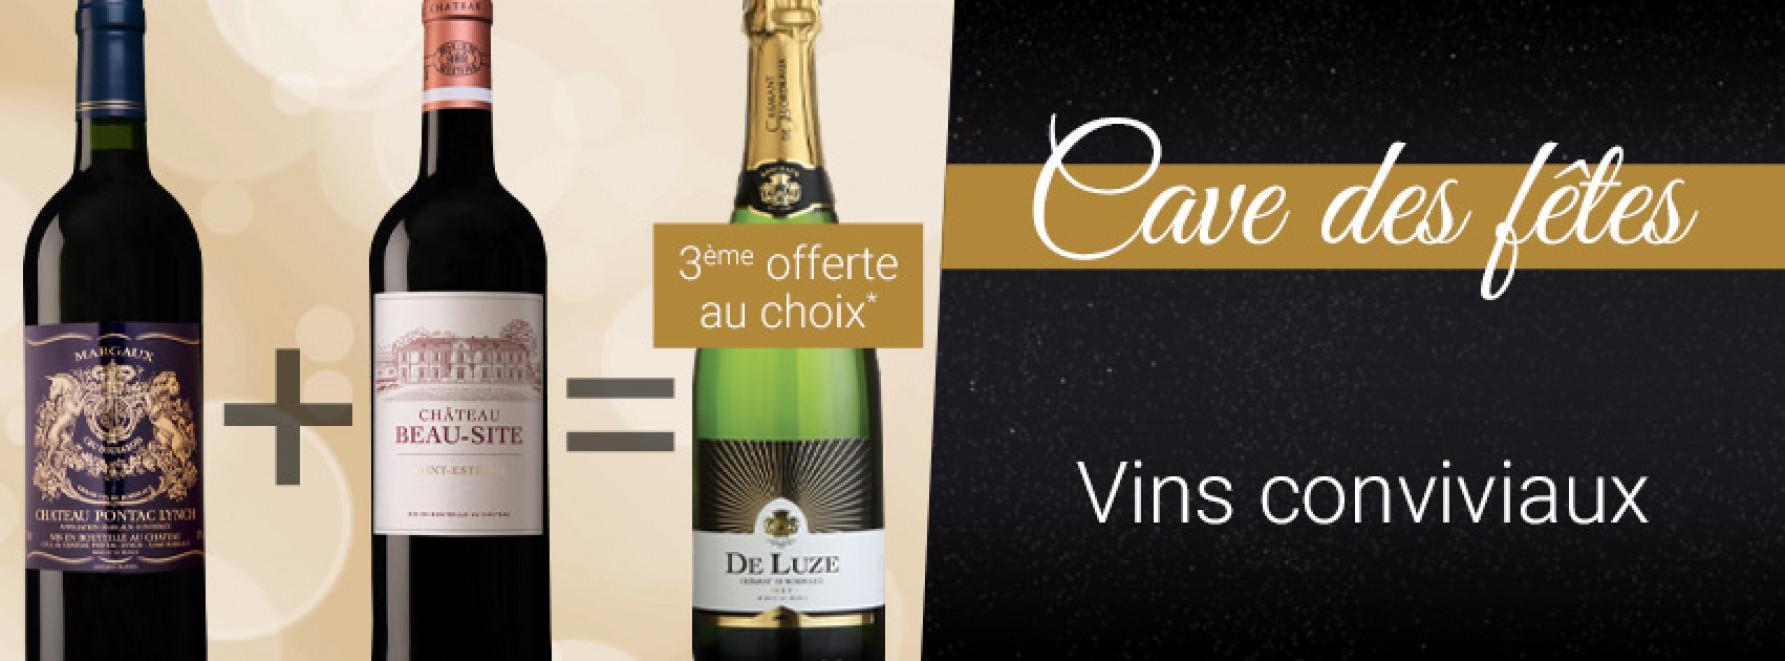 Cave des Fêtes : vins conviviaux 3ème caisse offerte